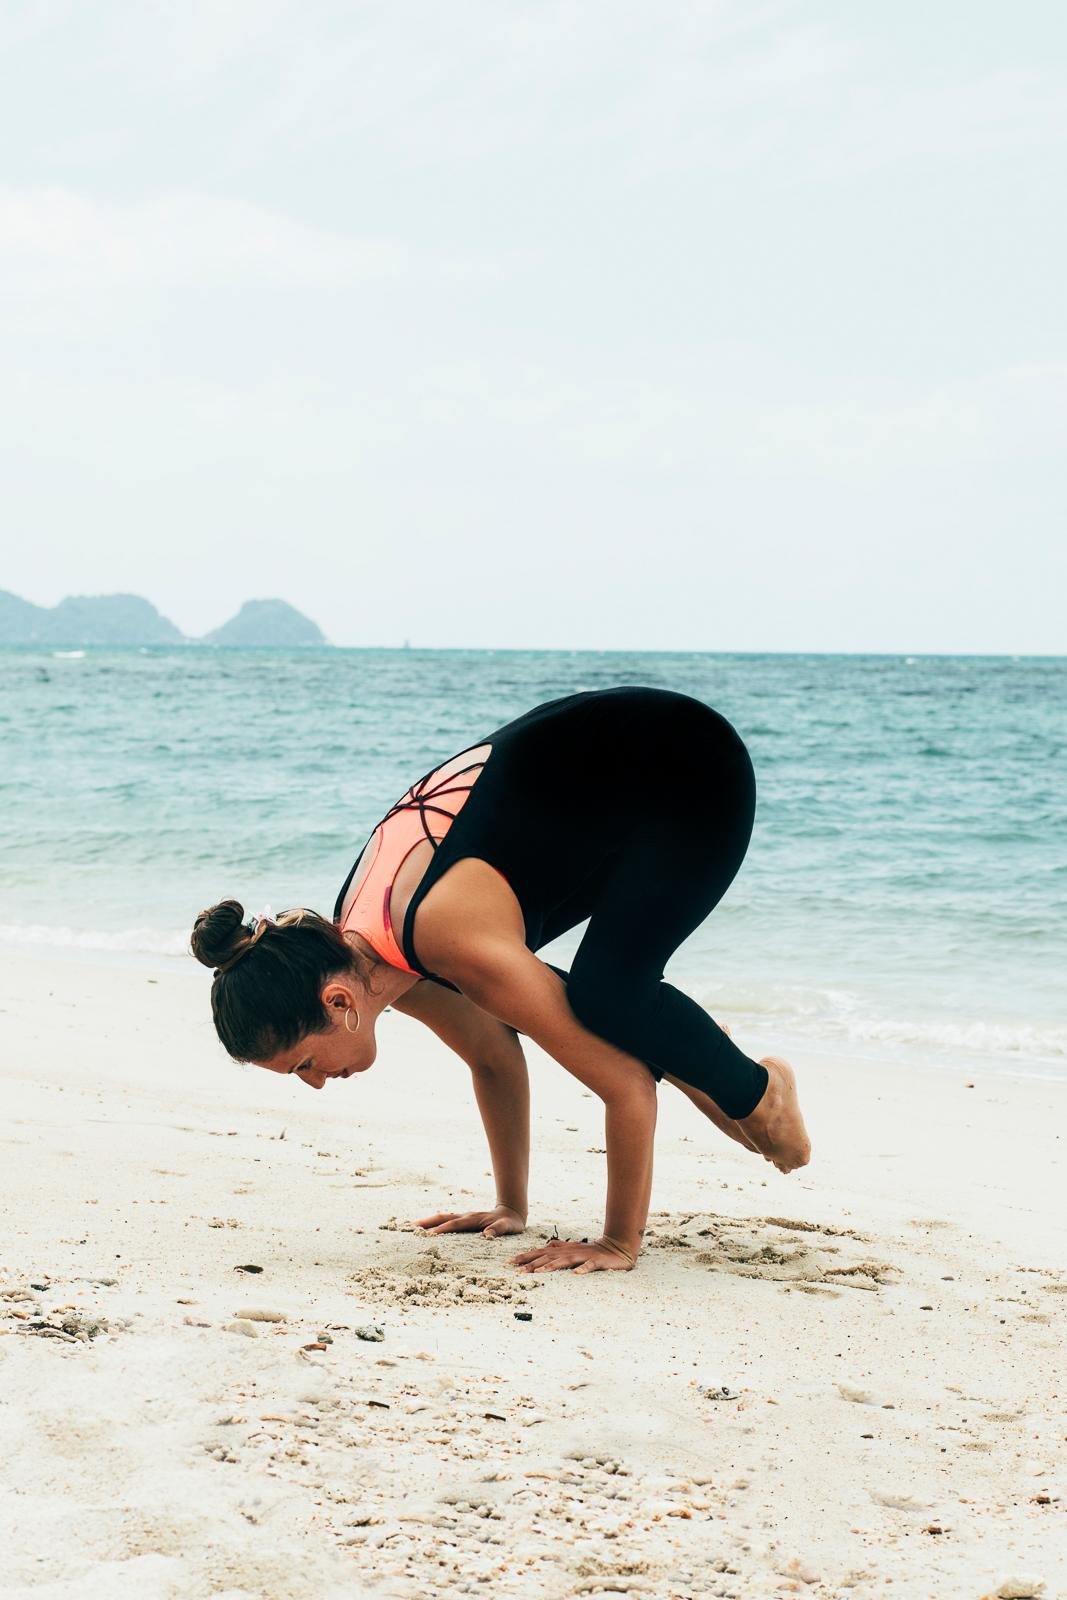 2019_RebeccaRuetten_Web_Yoga-9.jpg